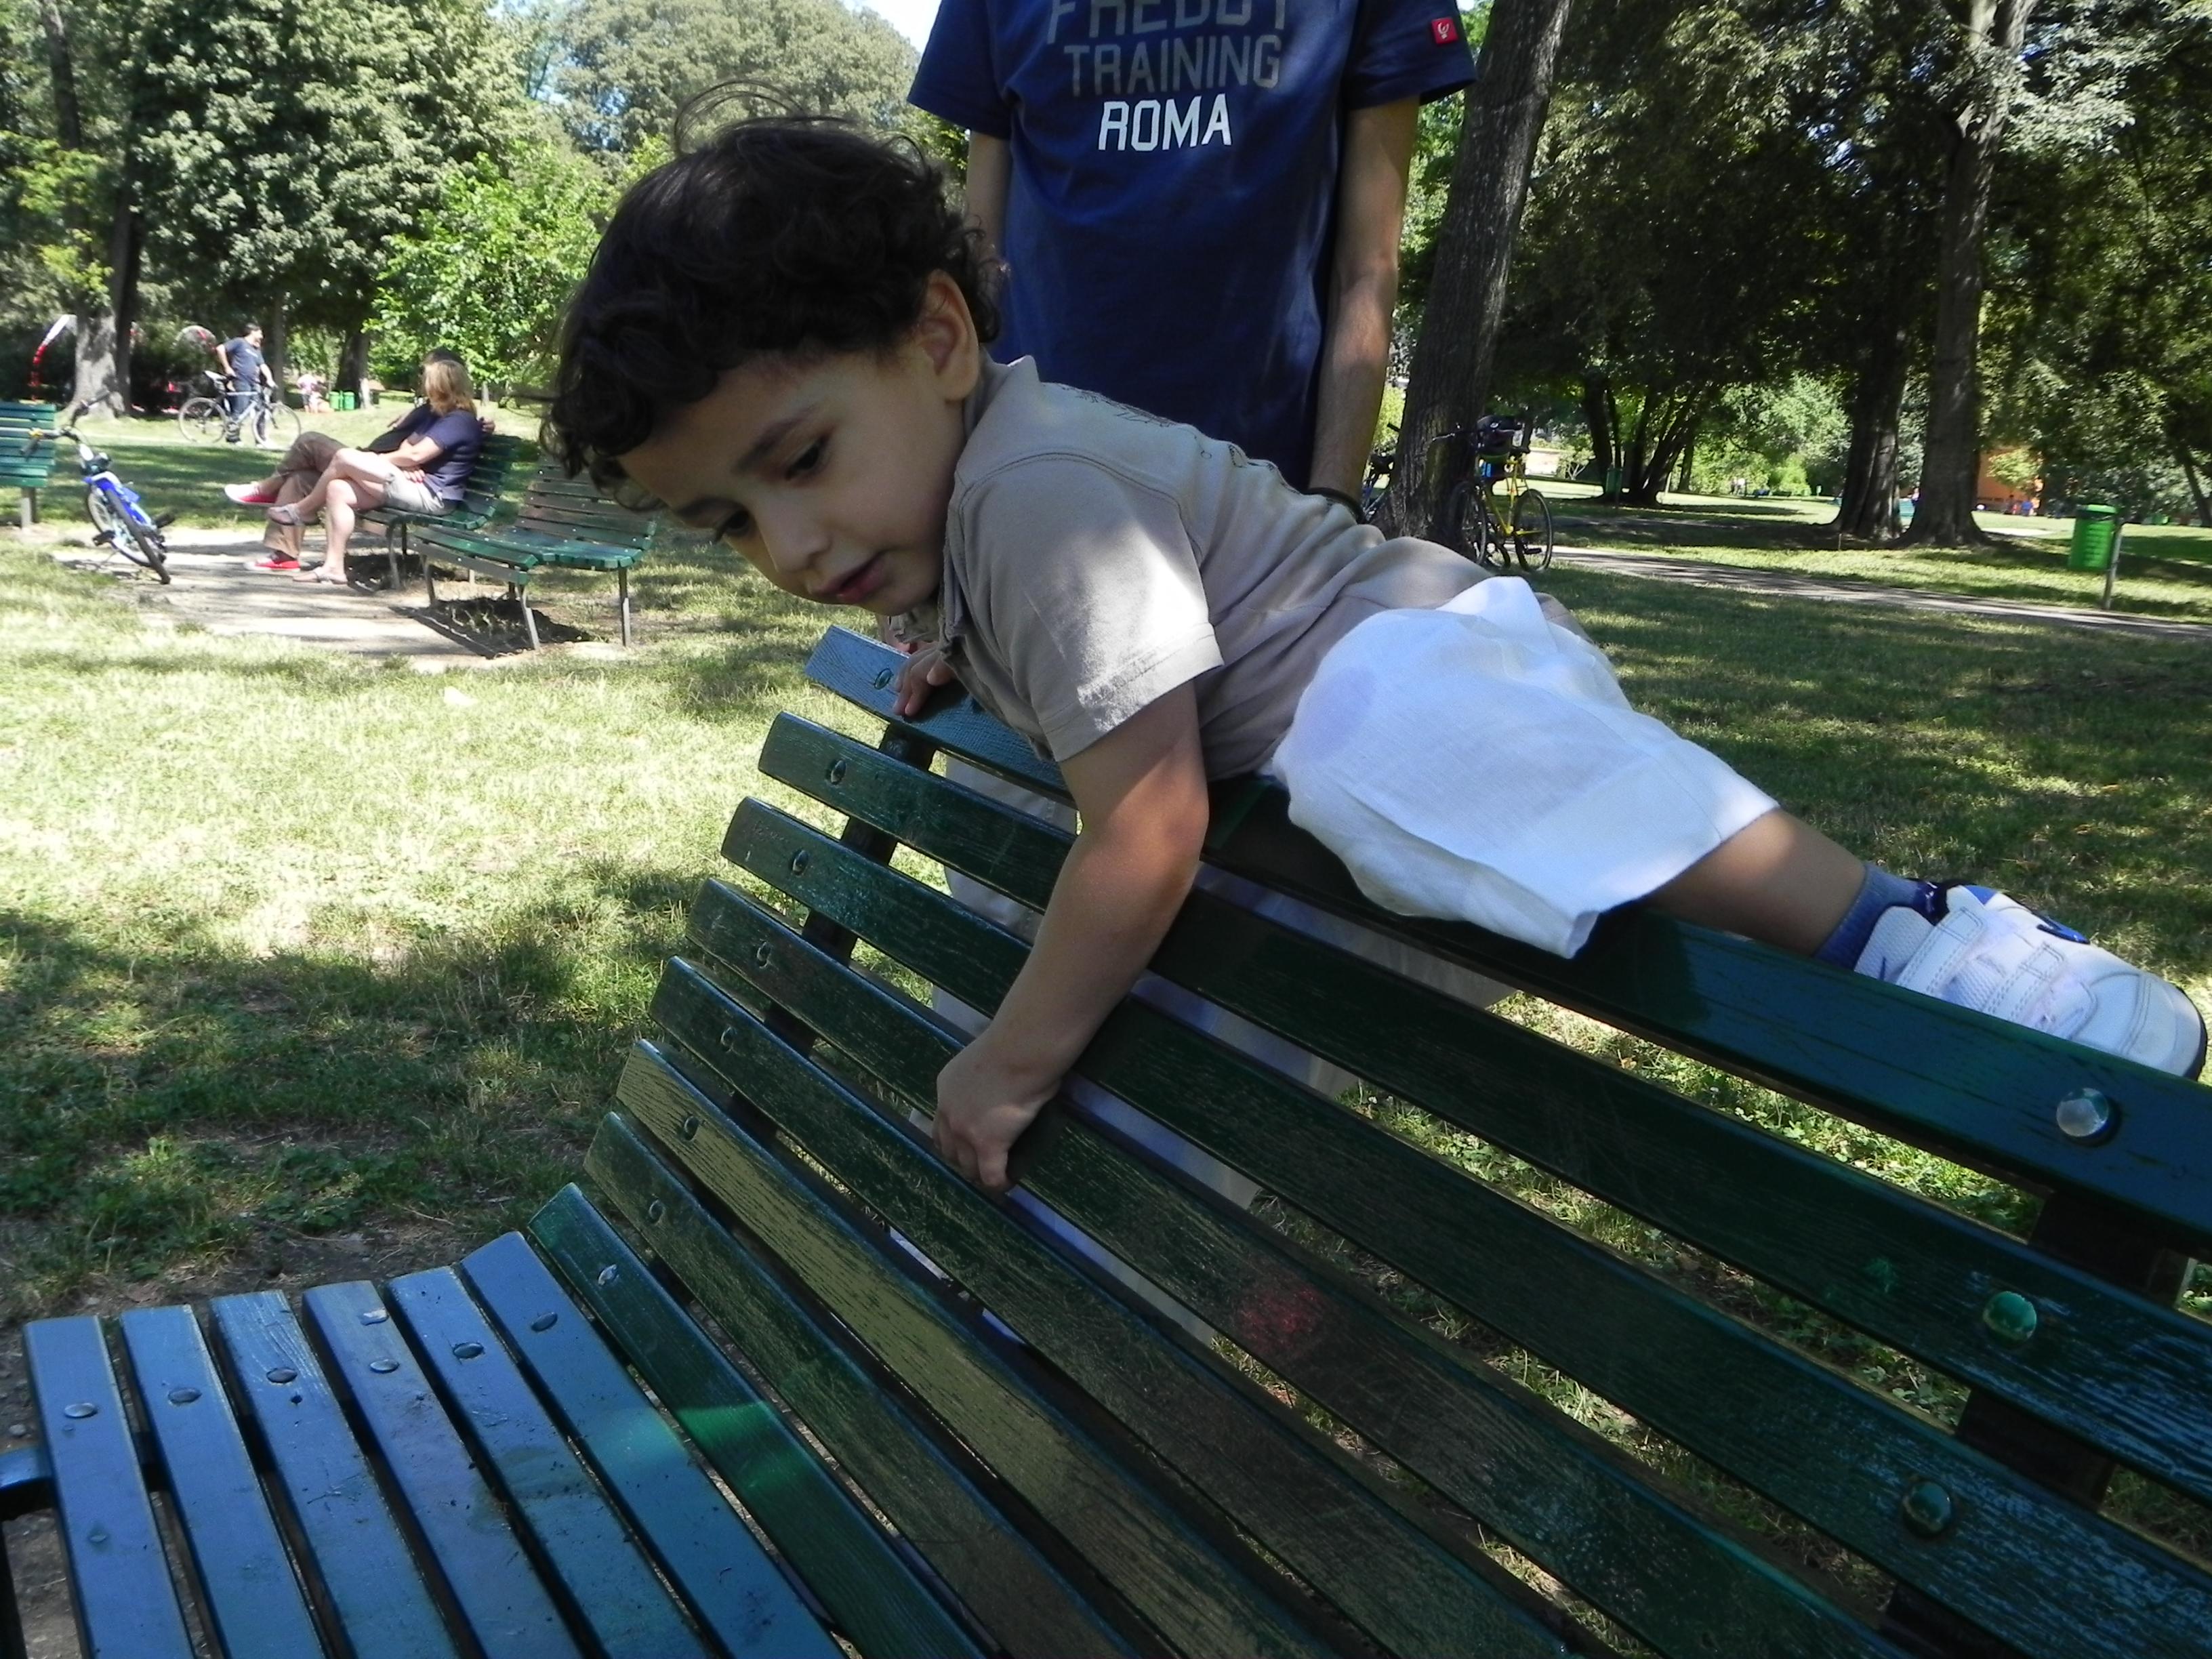 Una mattina al parco